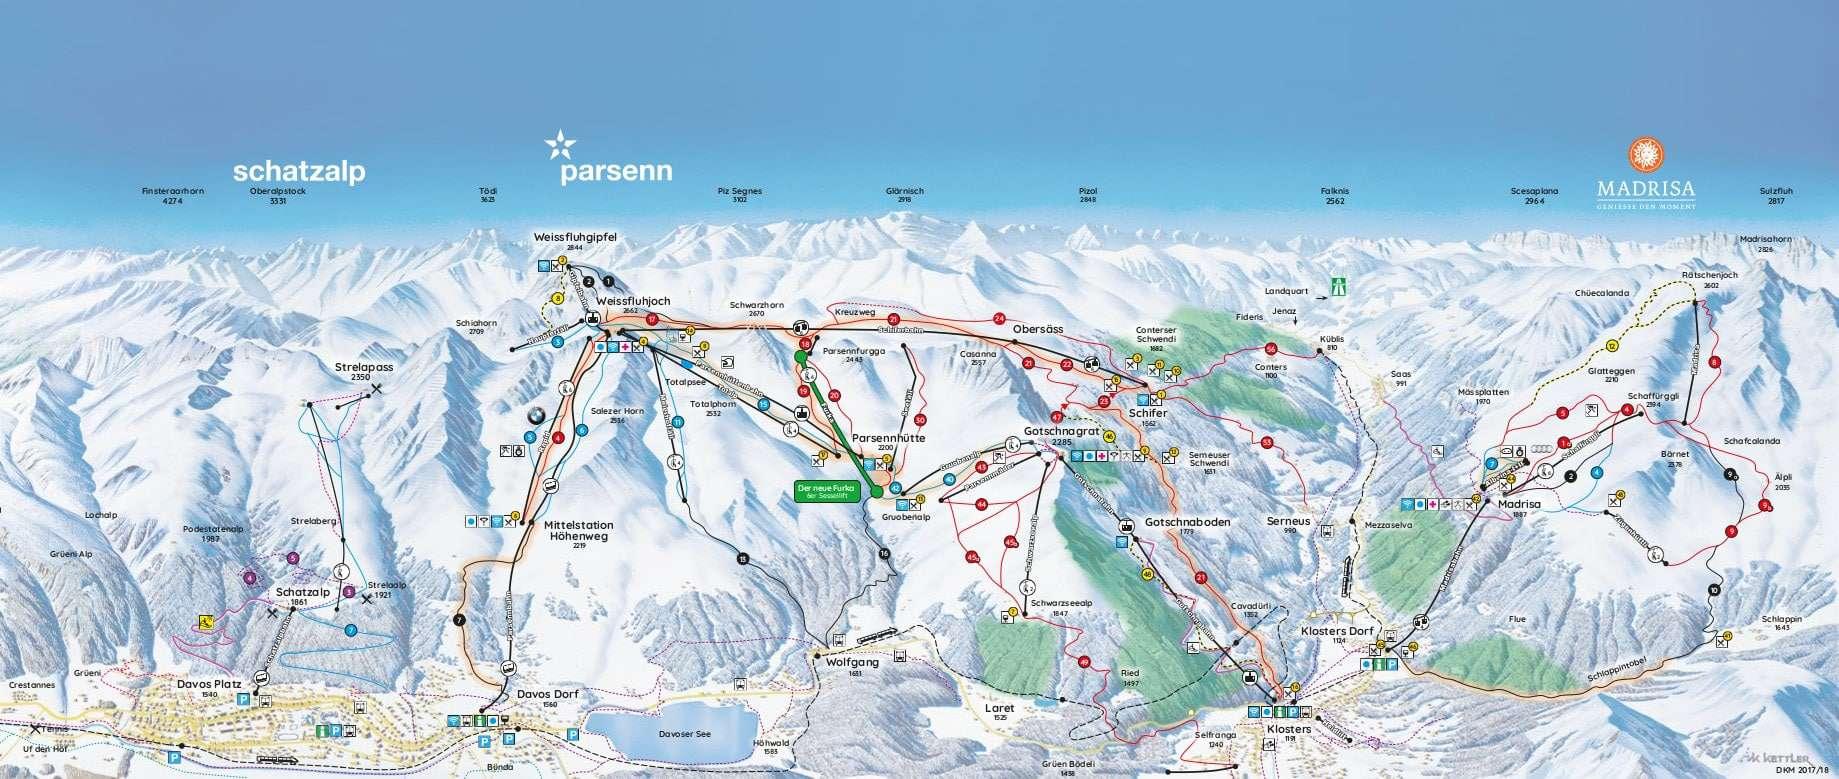 Davos Klosters JPG